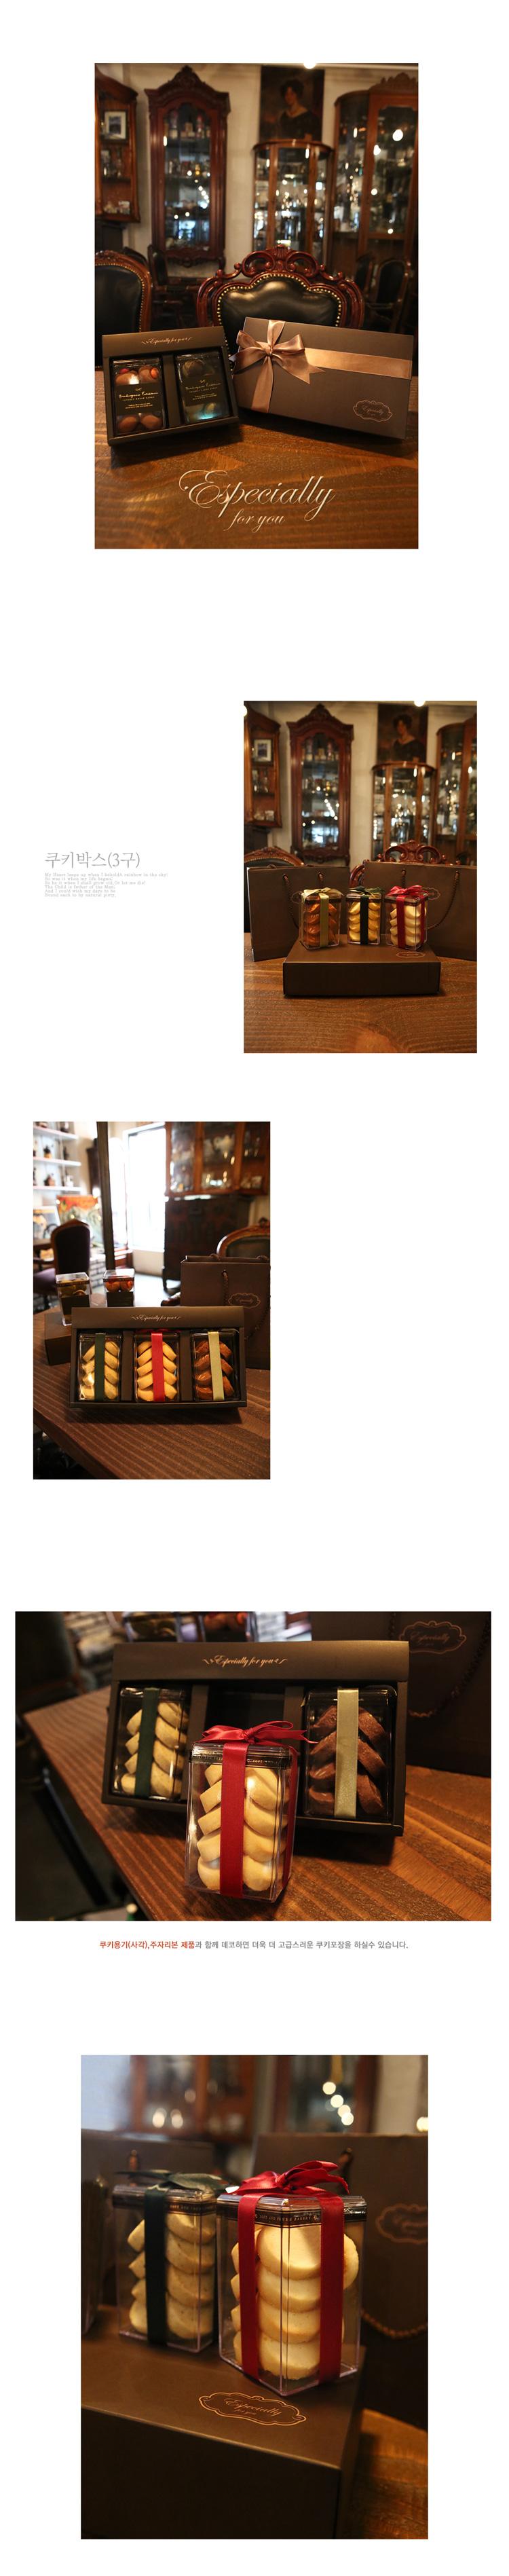 쿠키사각박스 브라운 3구 - 이홈베이킹, 1,600원, DIY재료, 포장용구